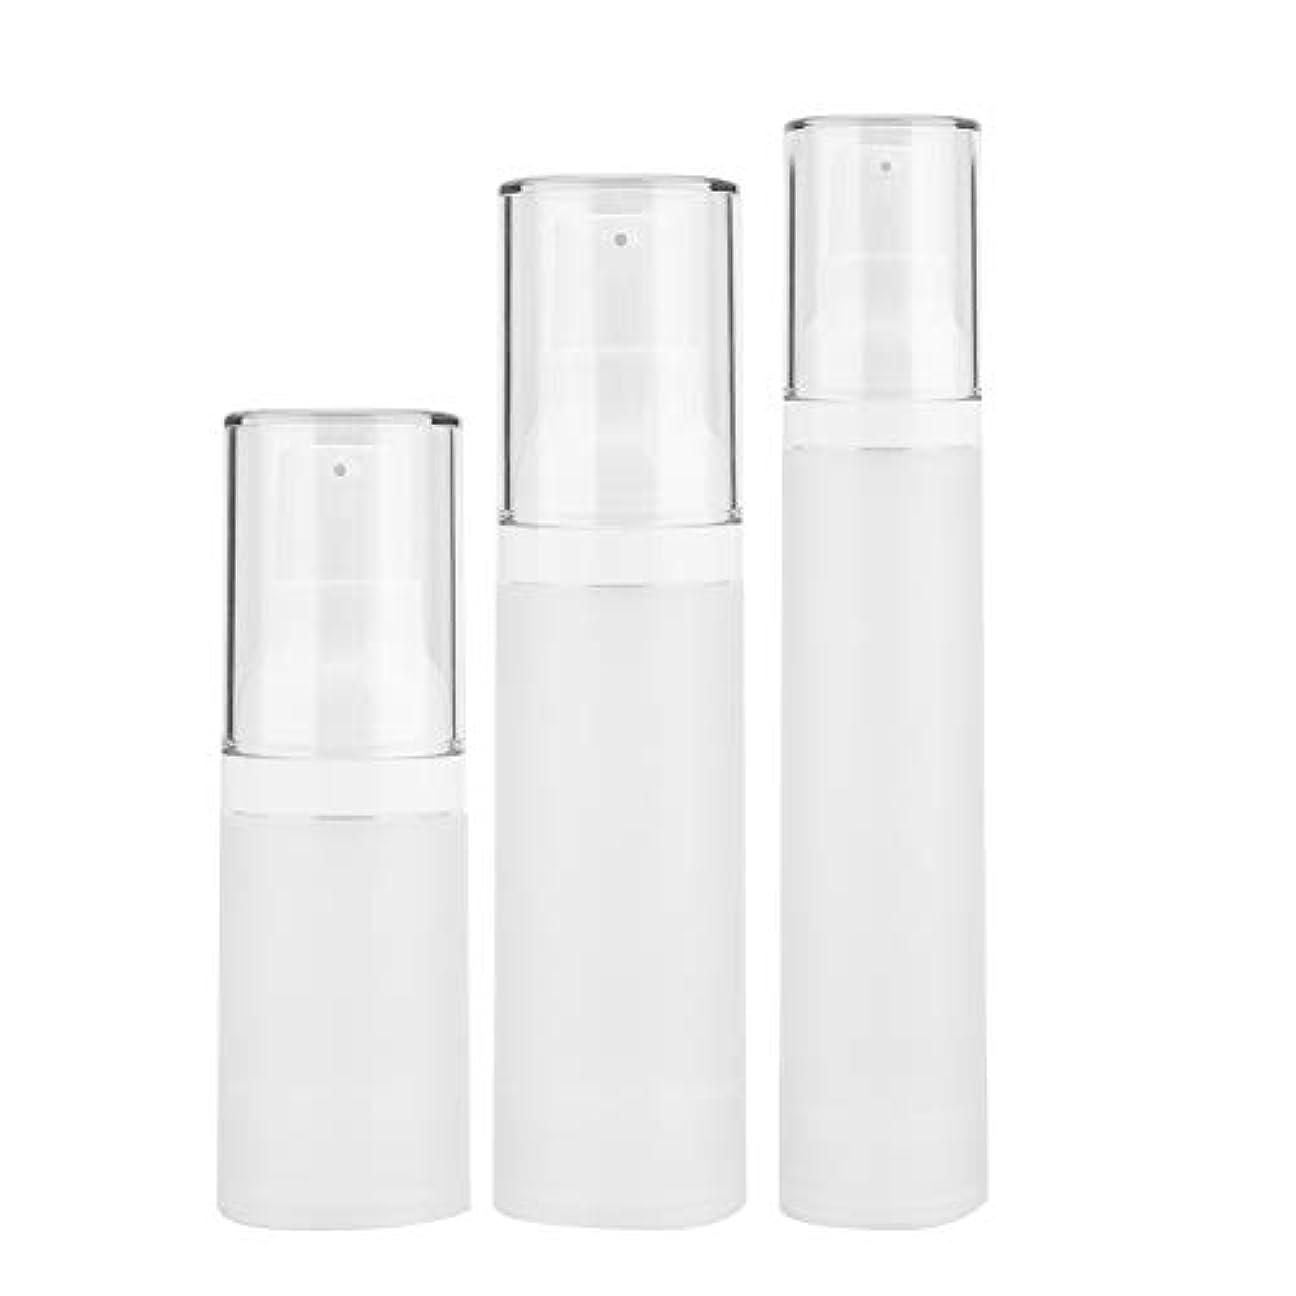 プロフェッショナル和らげる傀儡3本入りトラベルボトルセット - 化粧品旅行用容器、化粧品容器が空の化粧品容器付きペットボトル - シャンプーとスプレー用(3 pcs)